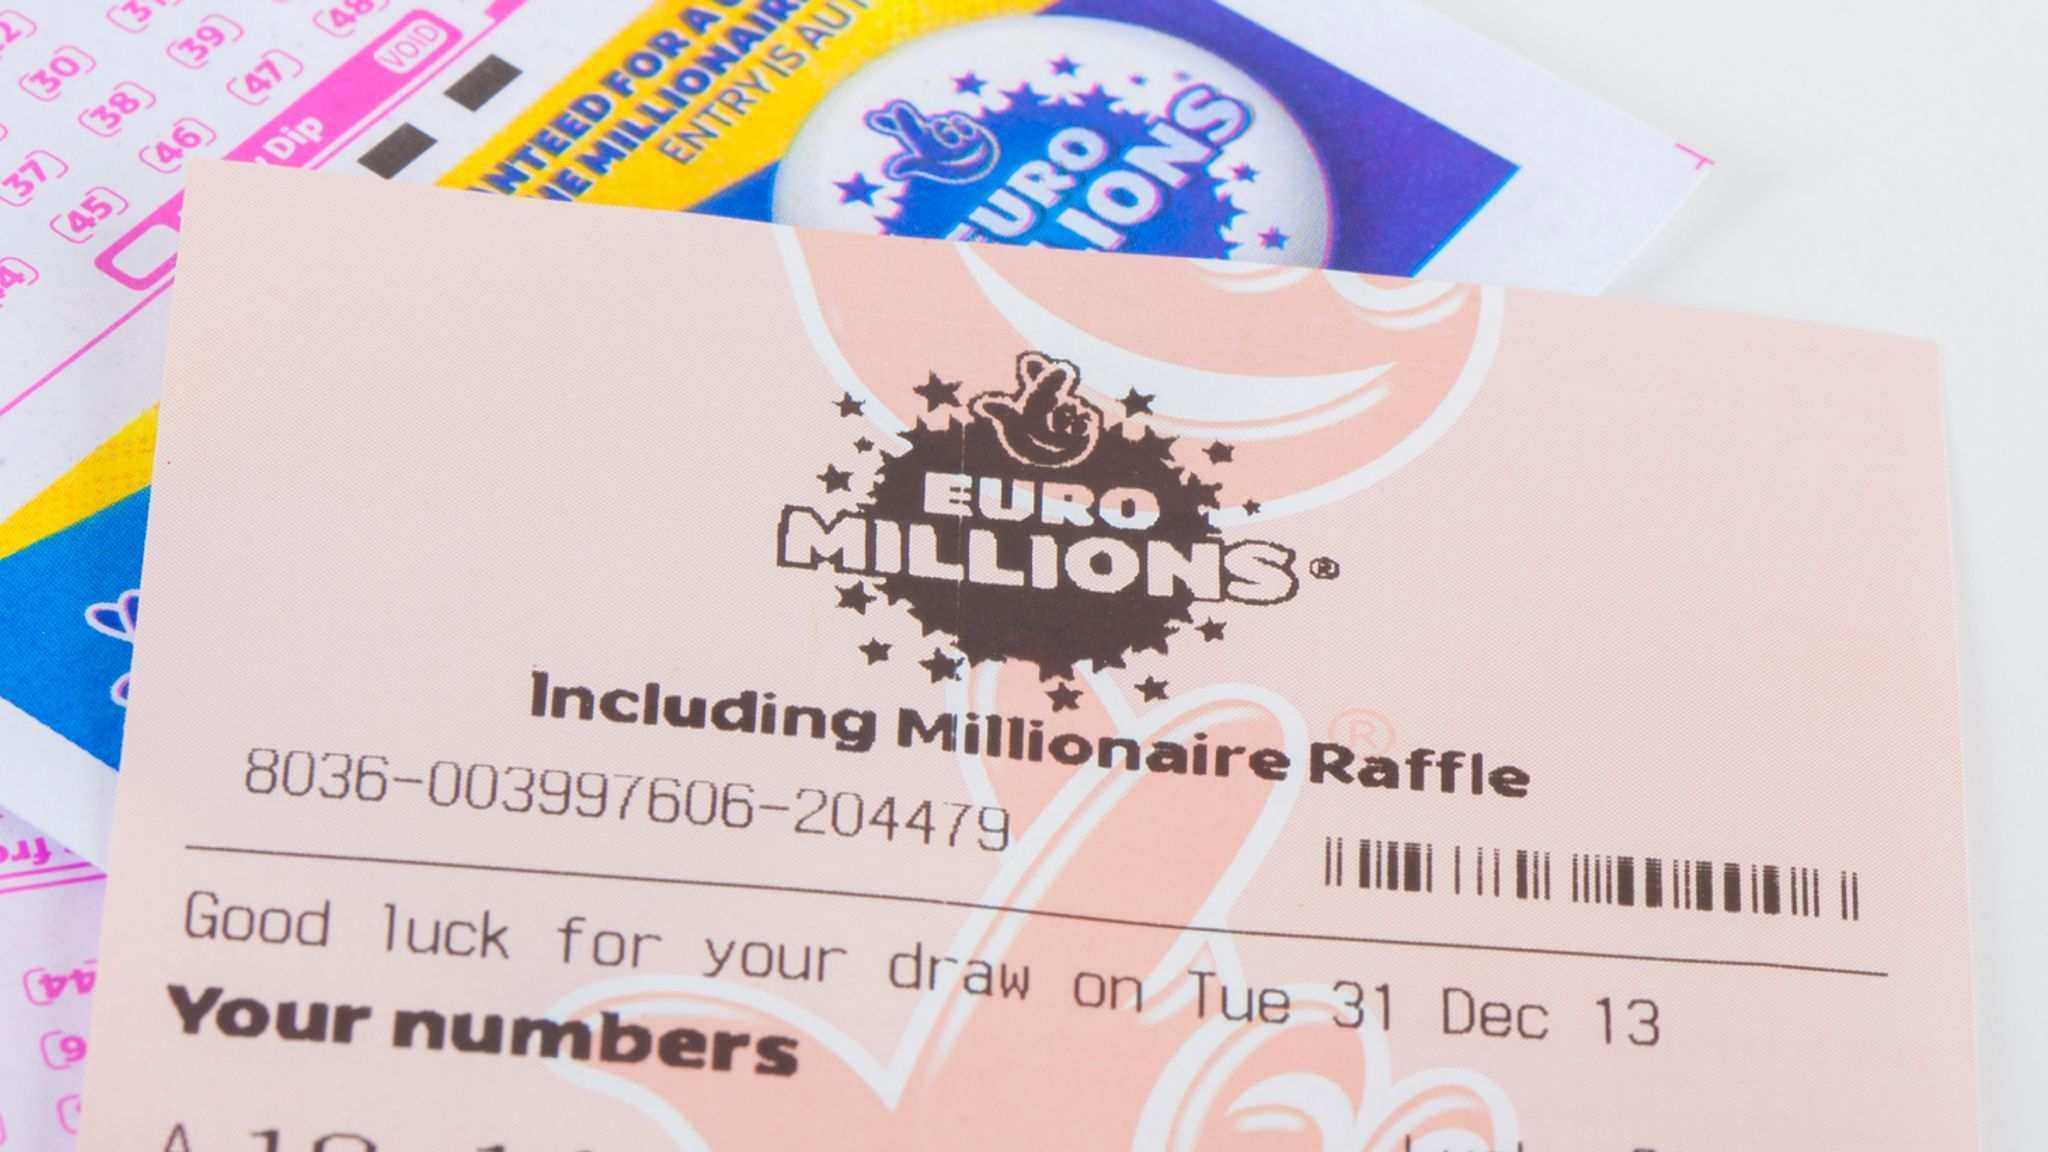 Wikizero - lottery jackpot records